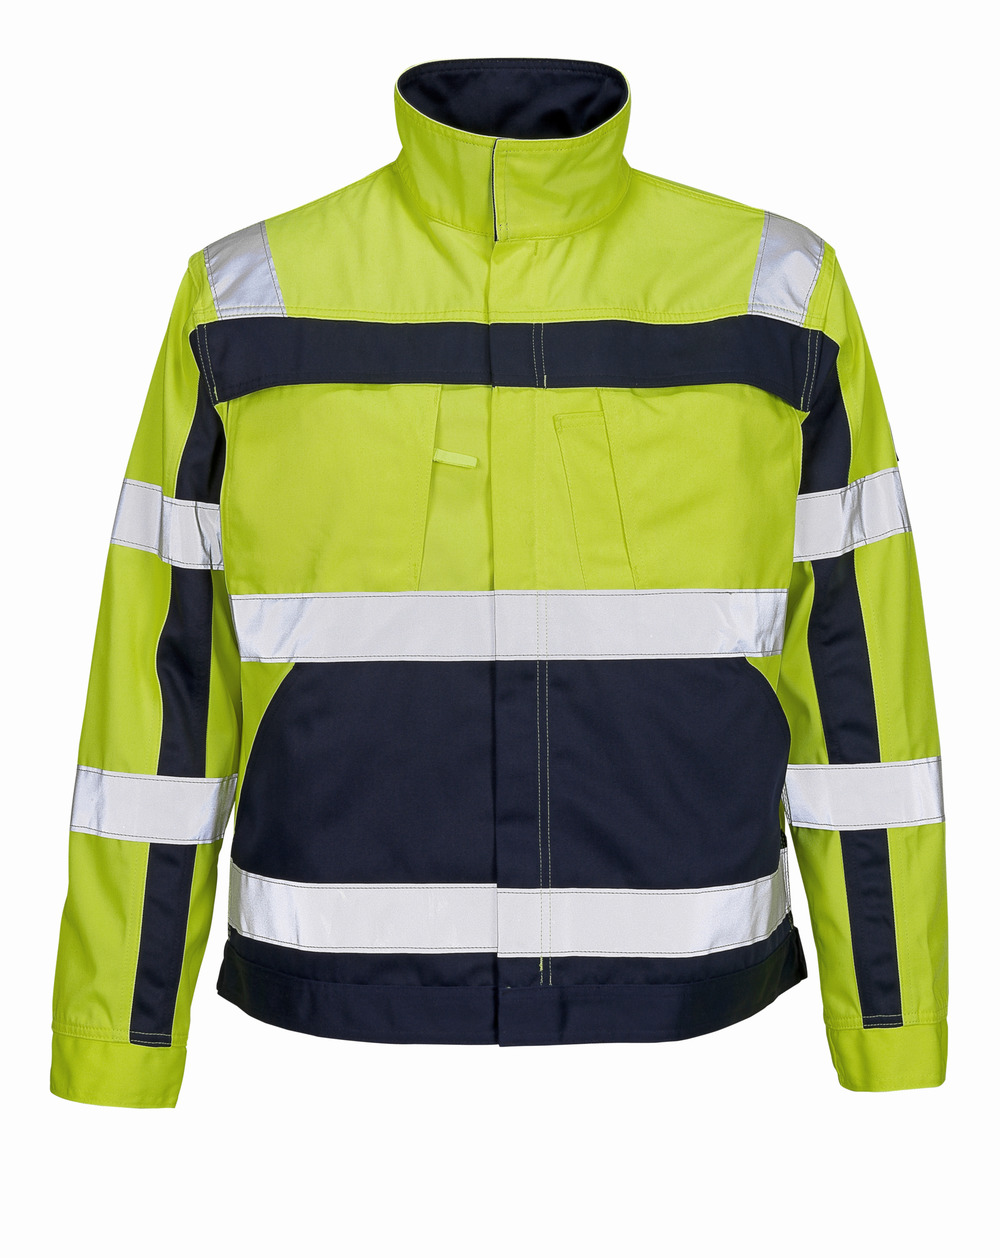 Mascot cameta jacket 07109 470 mascot safe compete for Cameta com